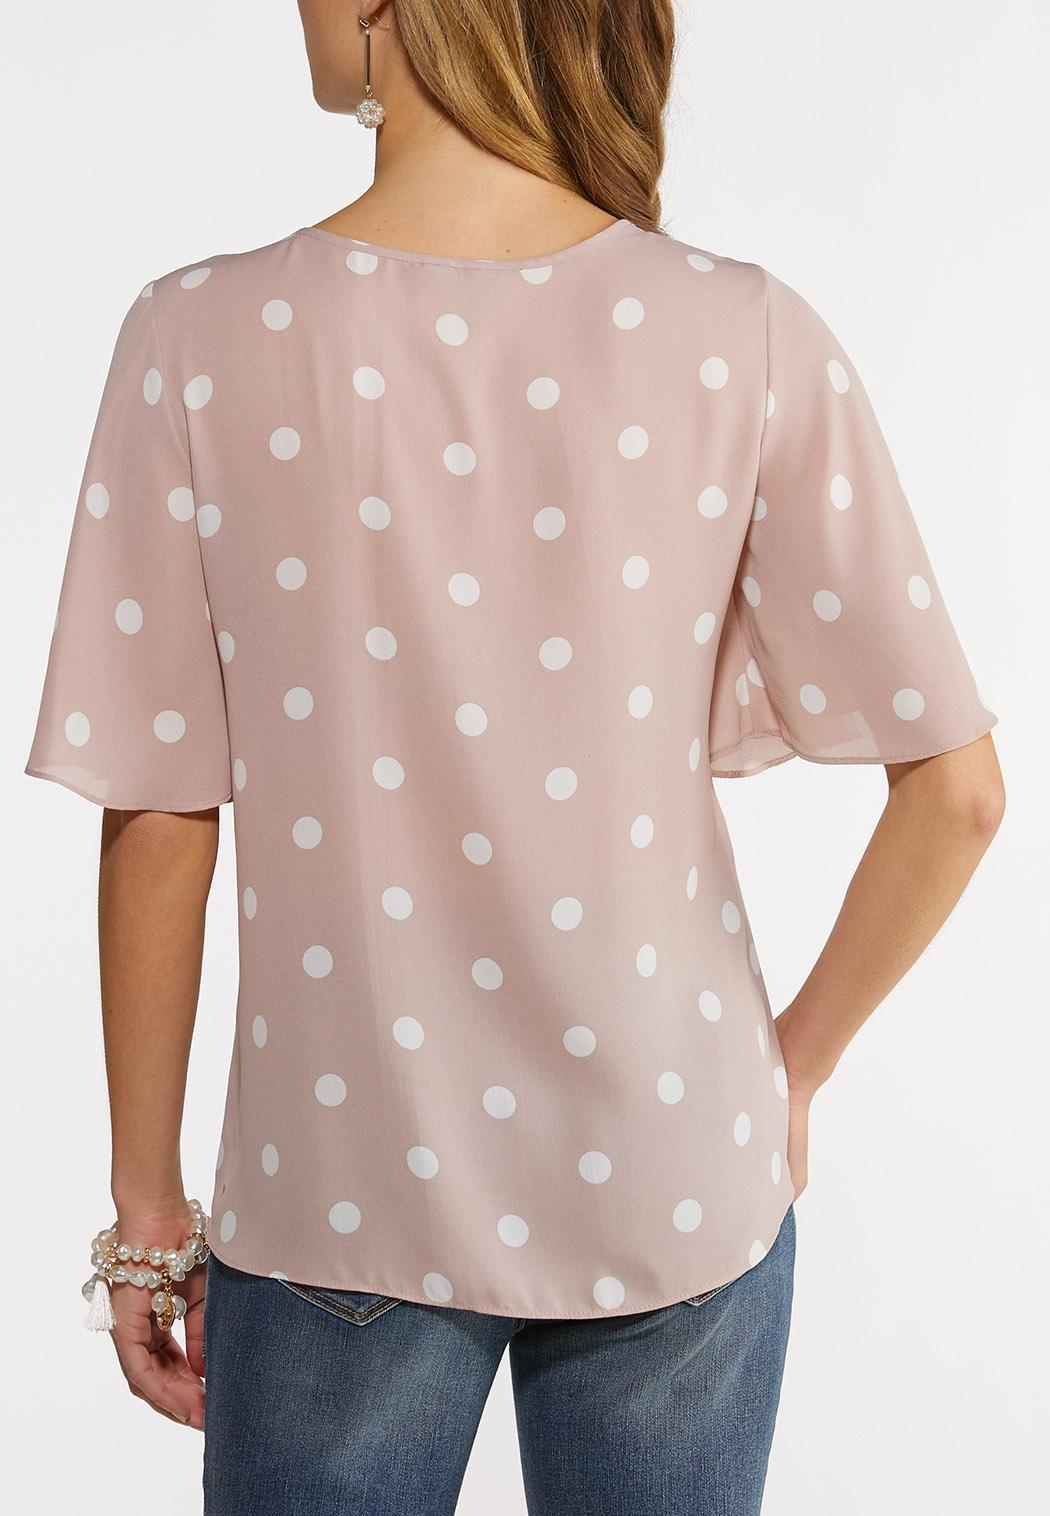 Plus Size Polka Dot Button Top (Item #44186852)